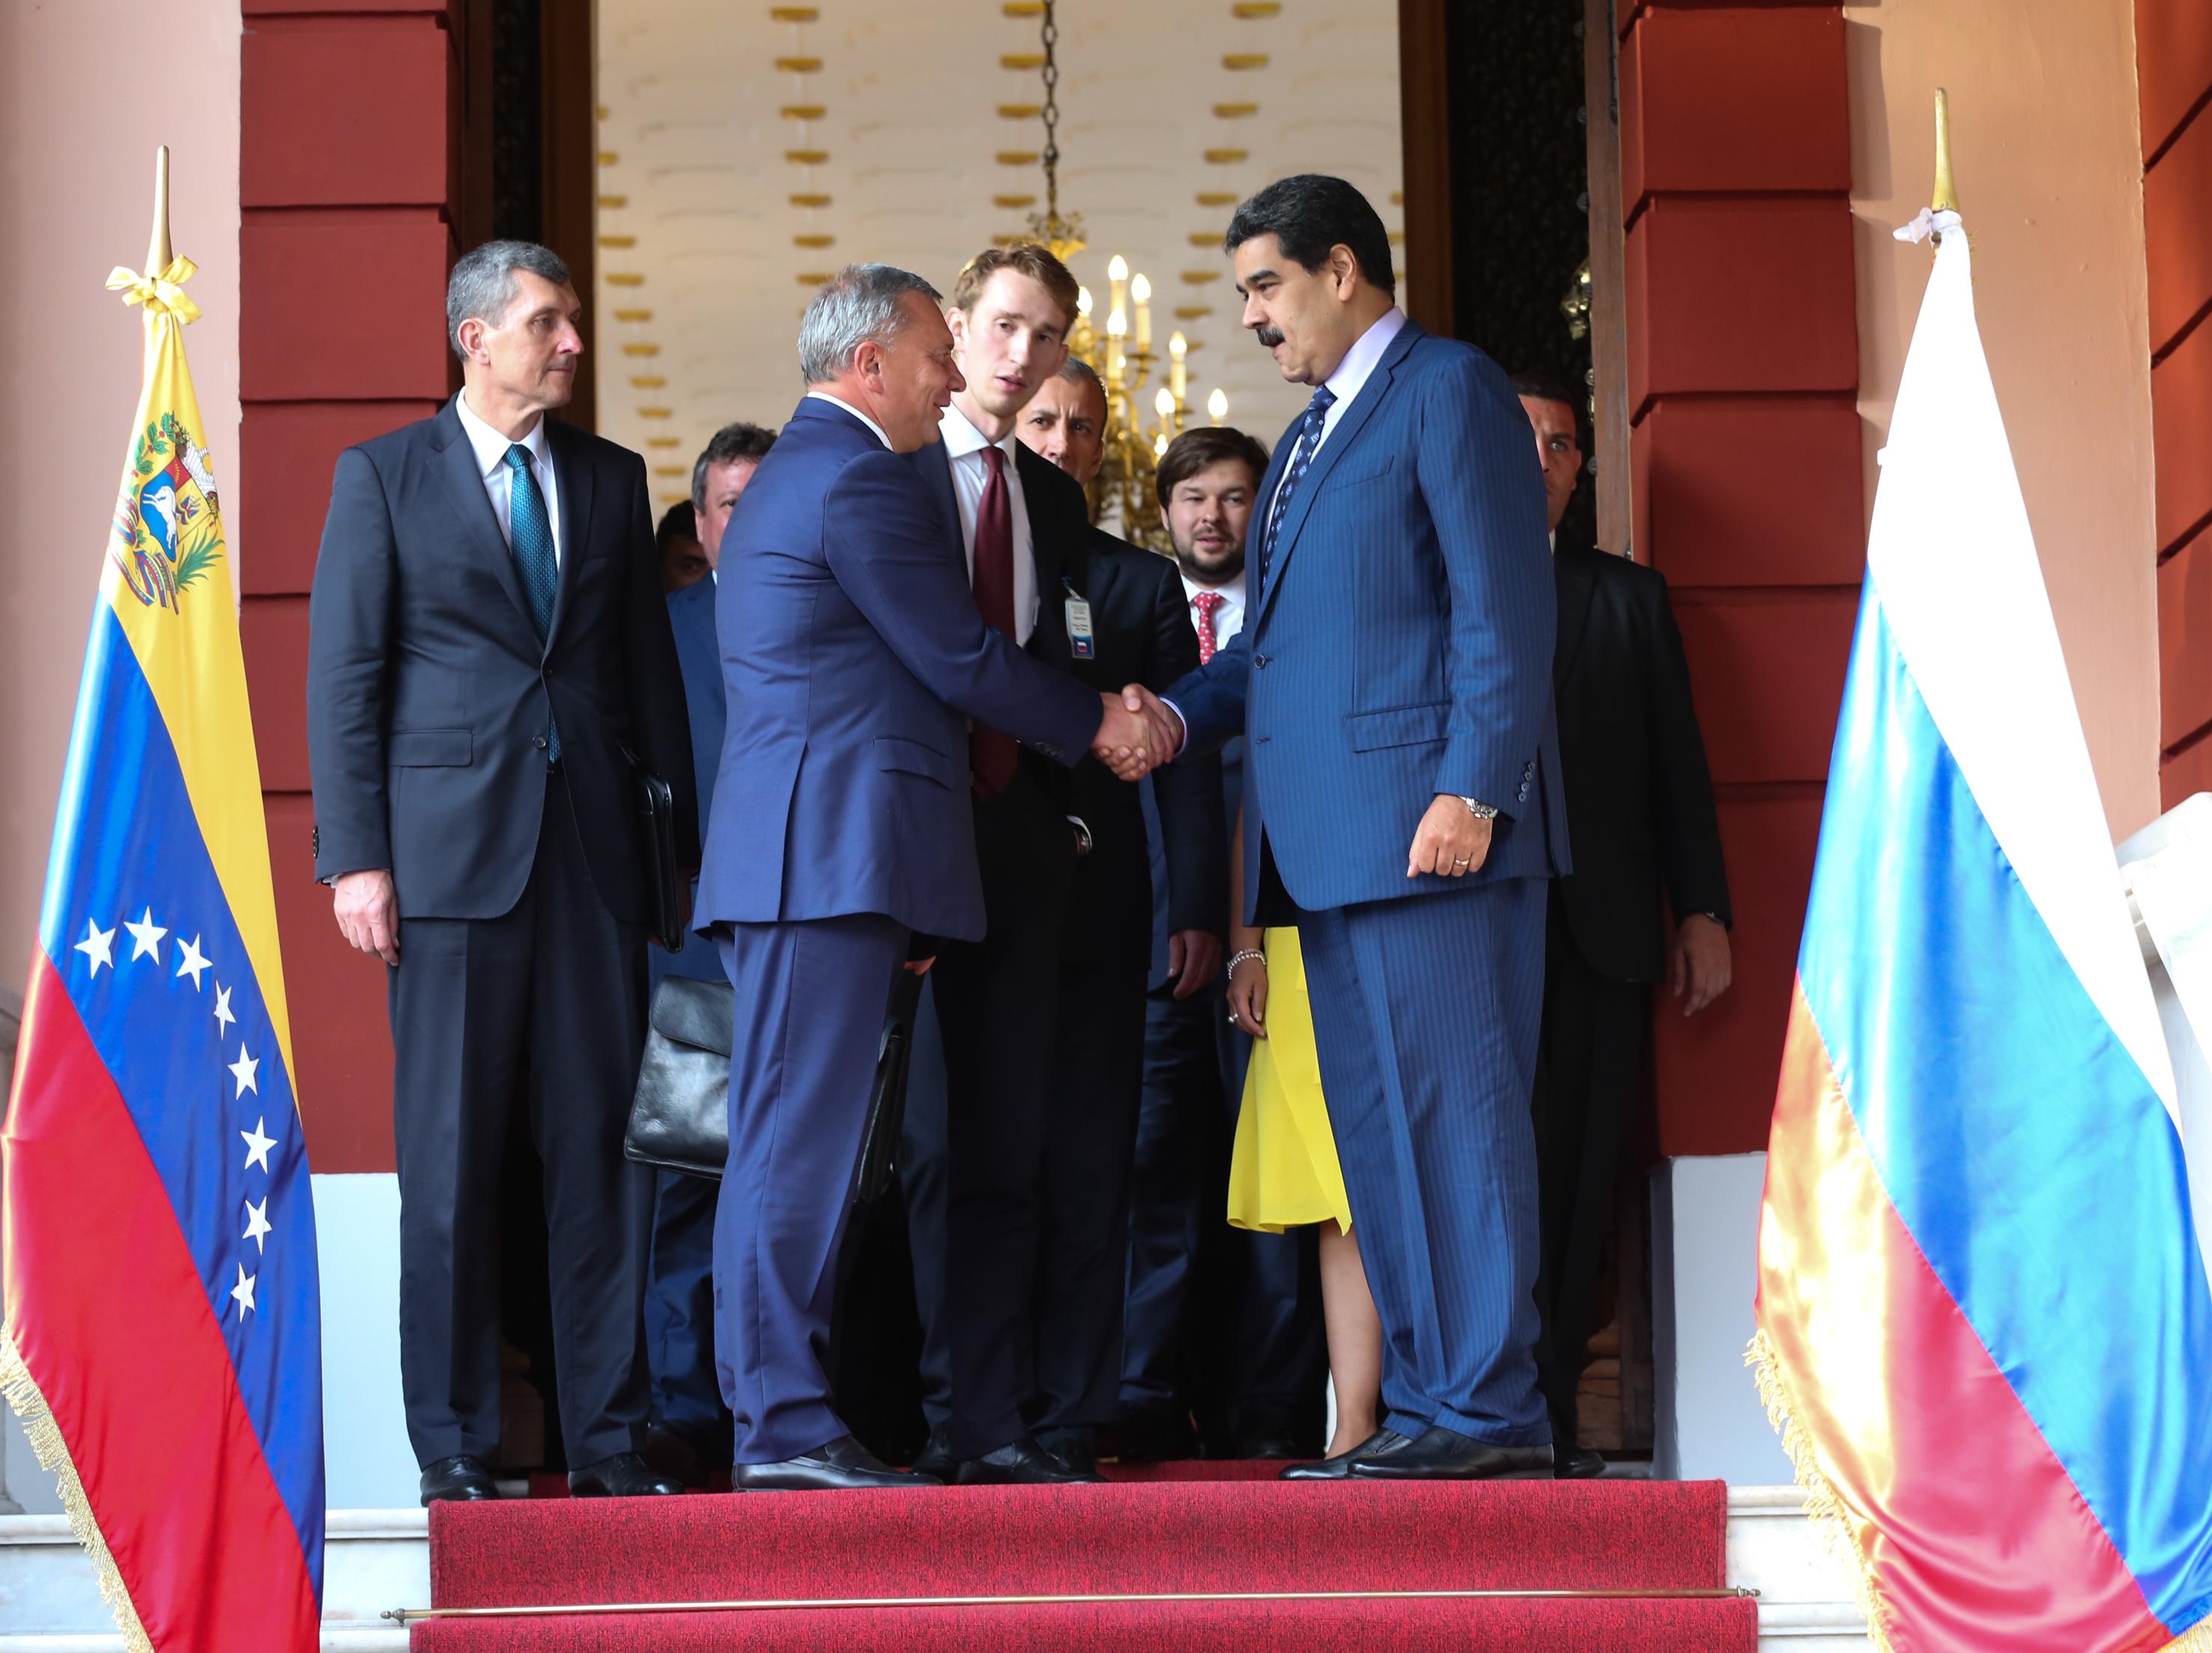 Presidente Nicolás Maduro recibe a delegación rusa en Miraflores para revisar cooperación bilateral